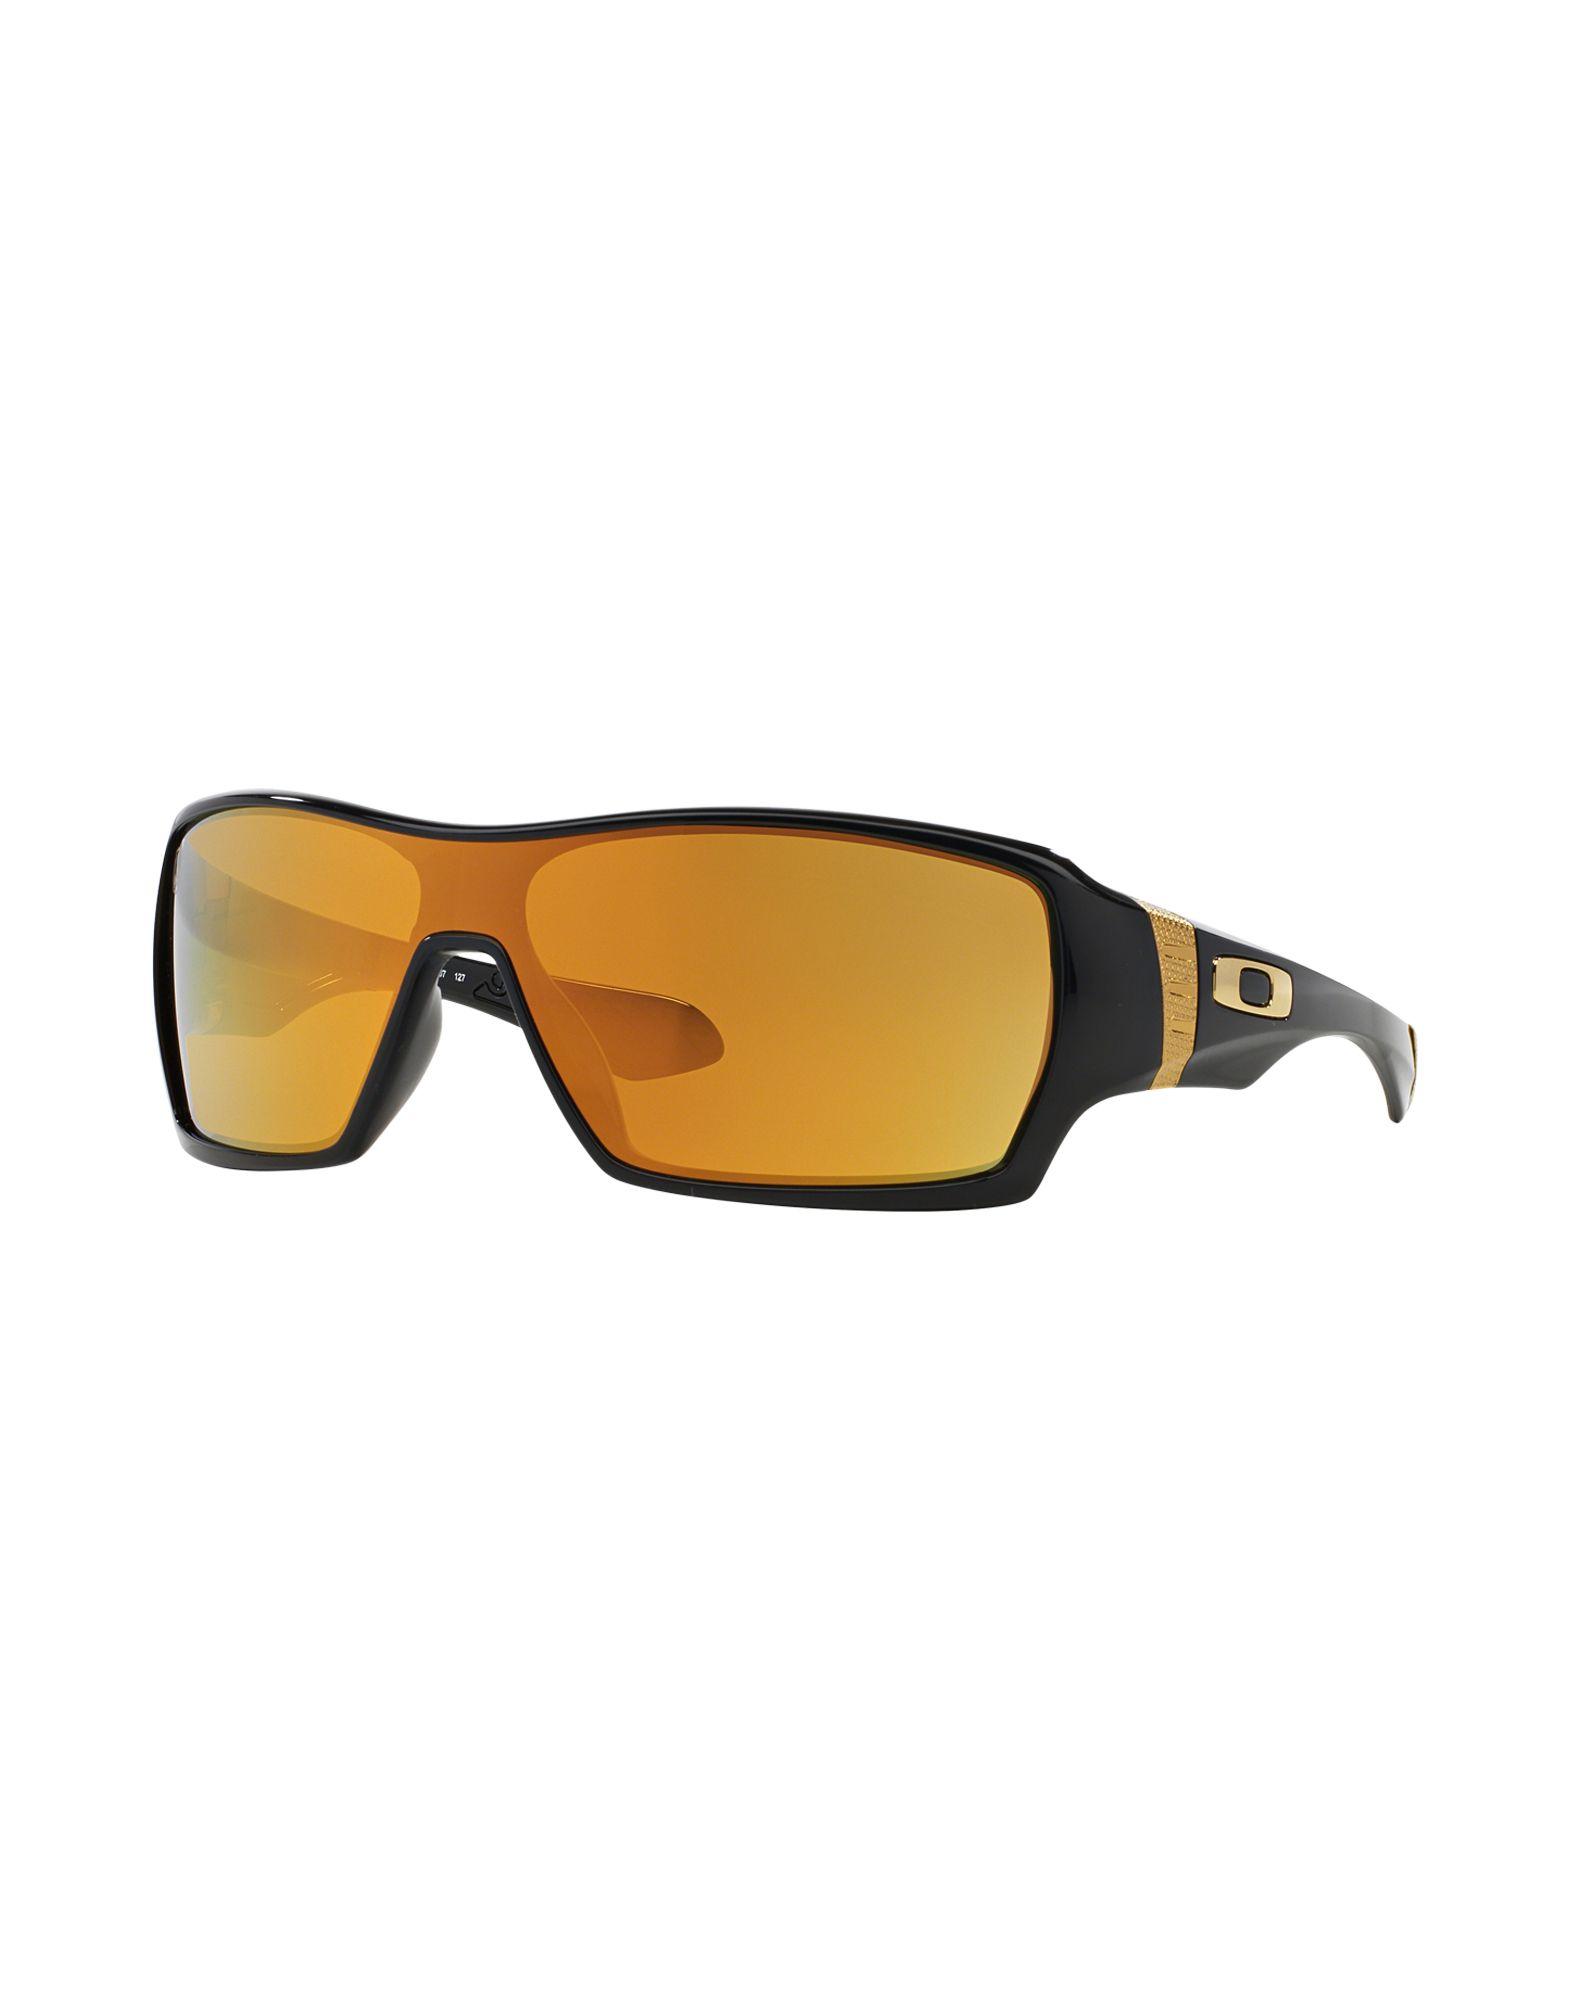 Oakley Offshoot OO 9190-07 matte black (shaun white) uAsMFrhJc